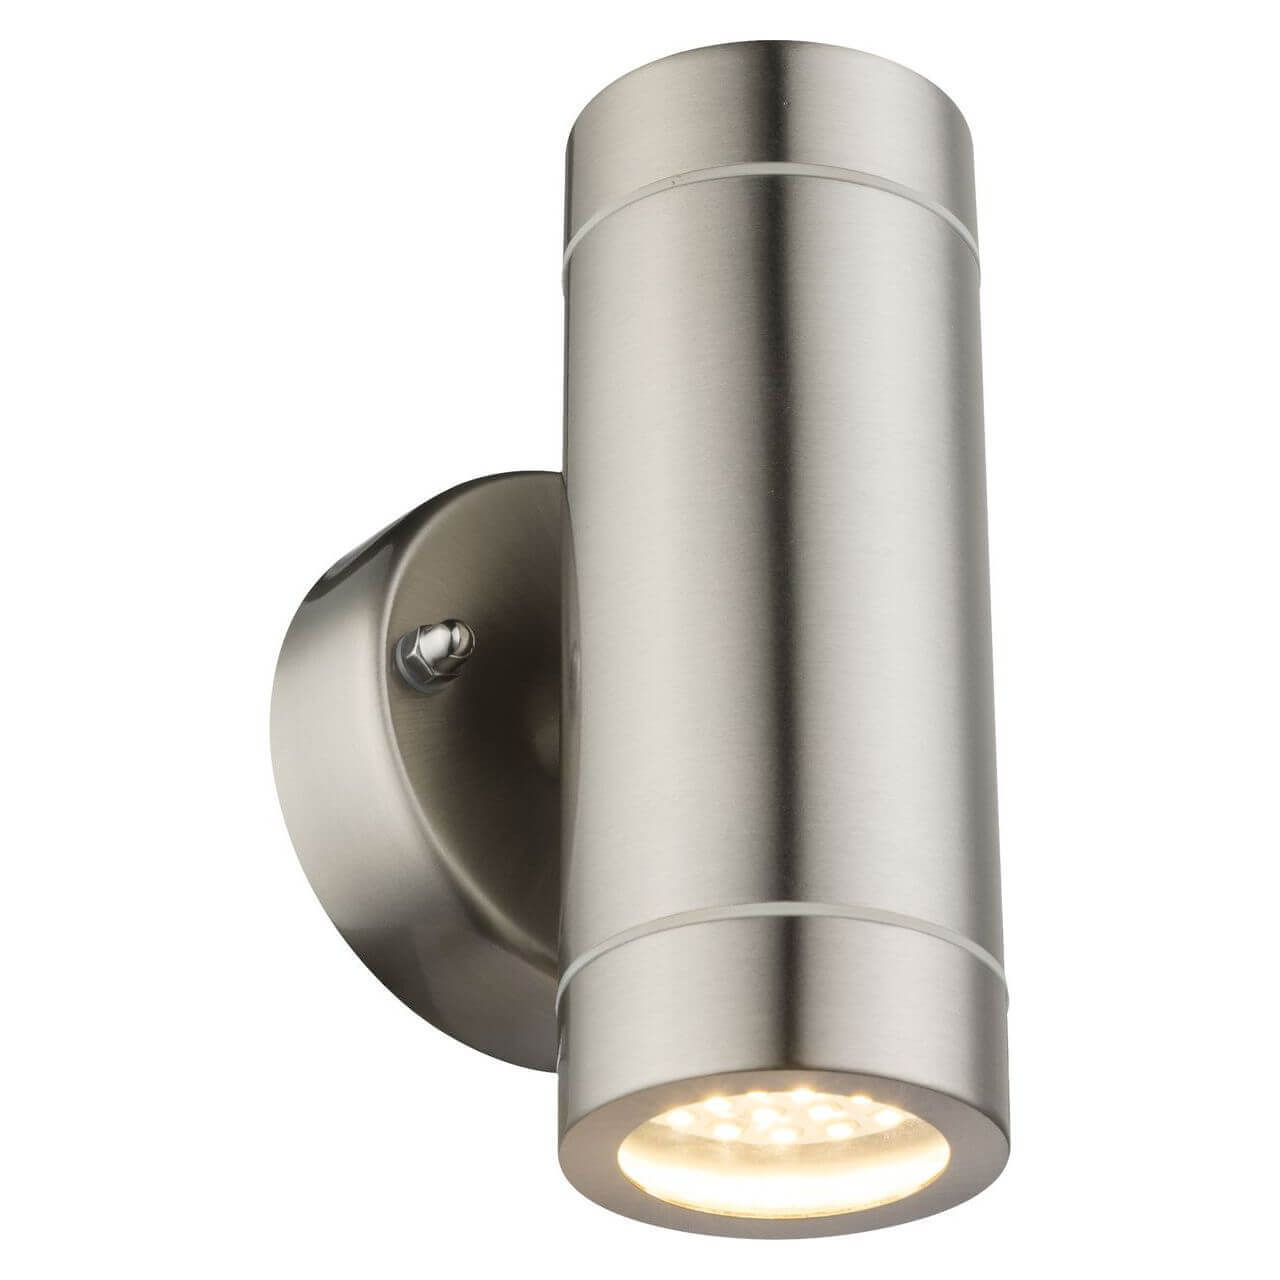 Уличный настенный светодиодный светильник Globo Perry 32068-2 цены